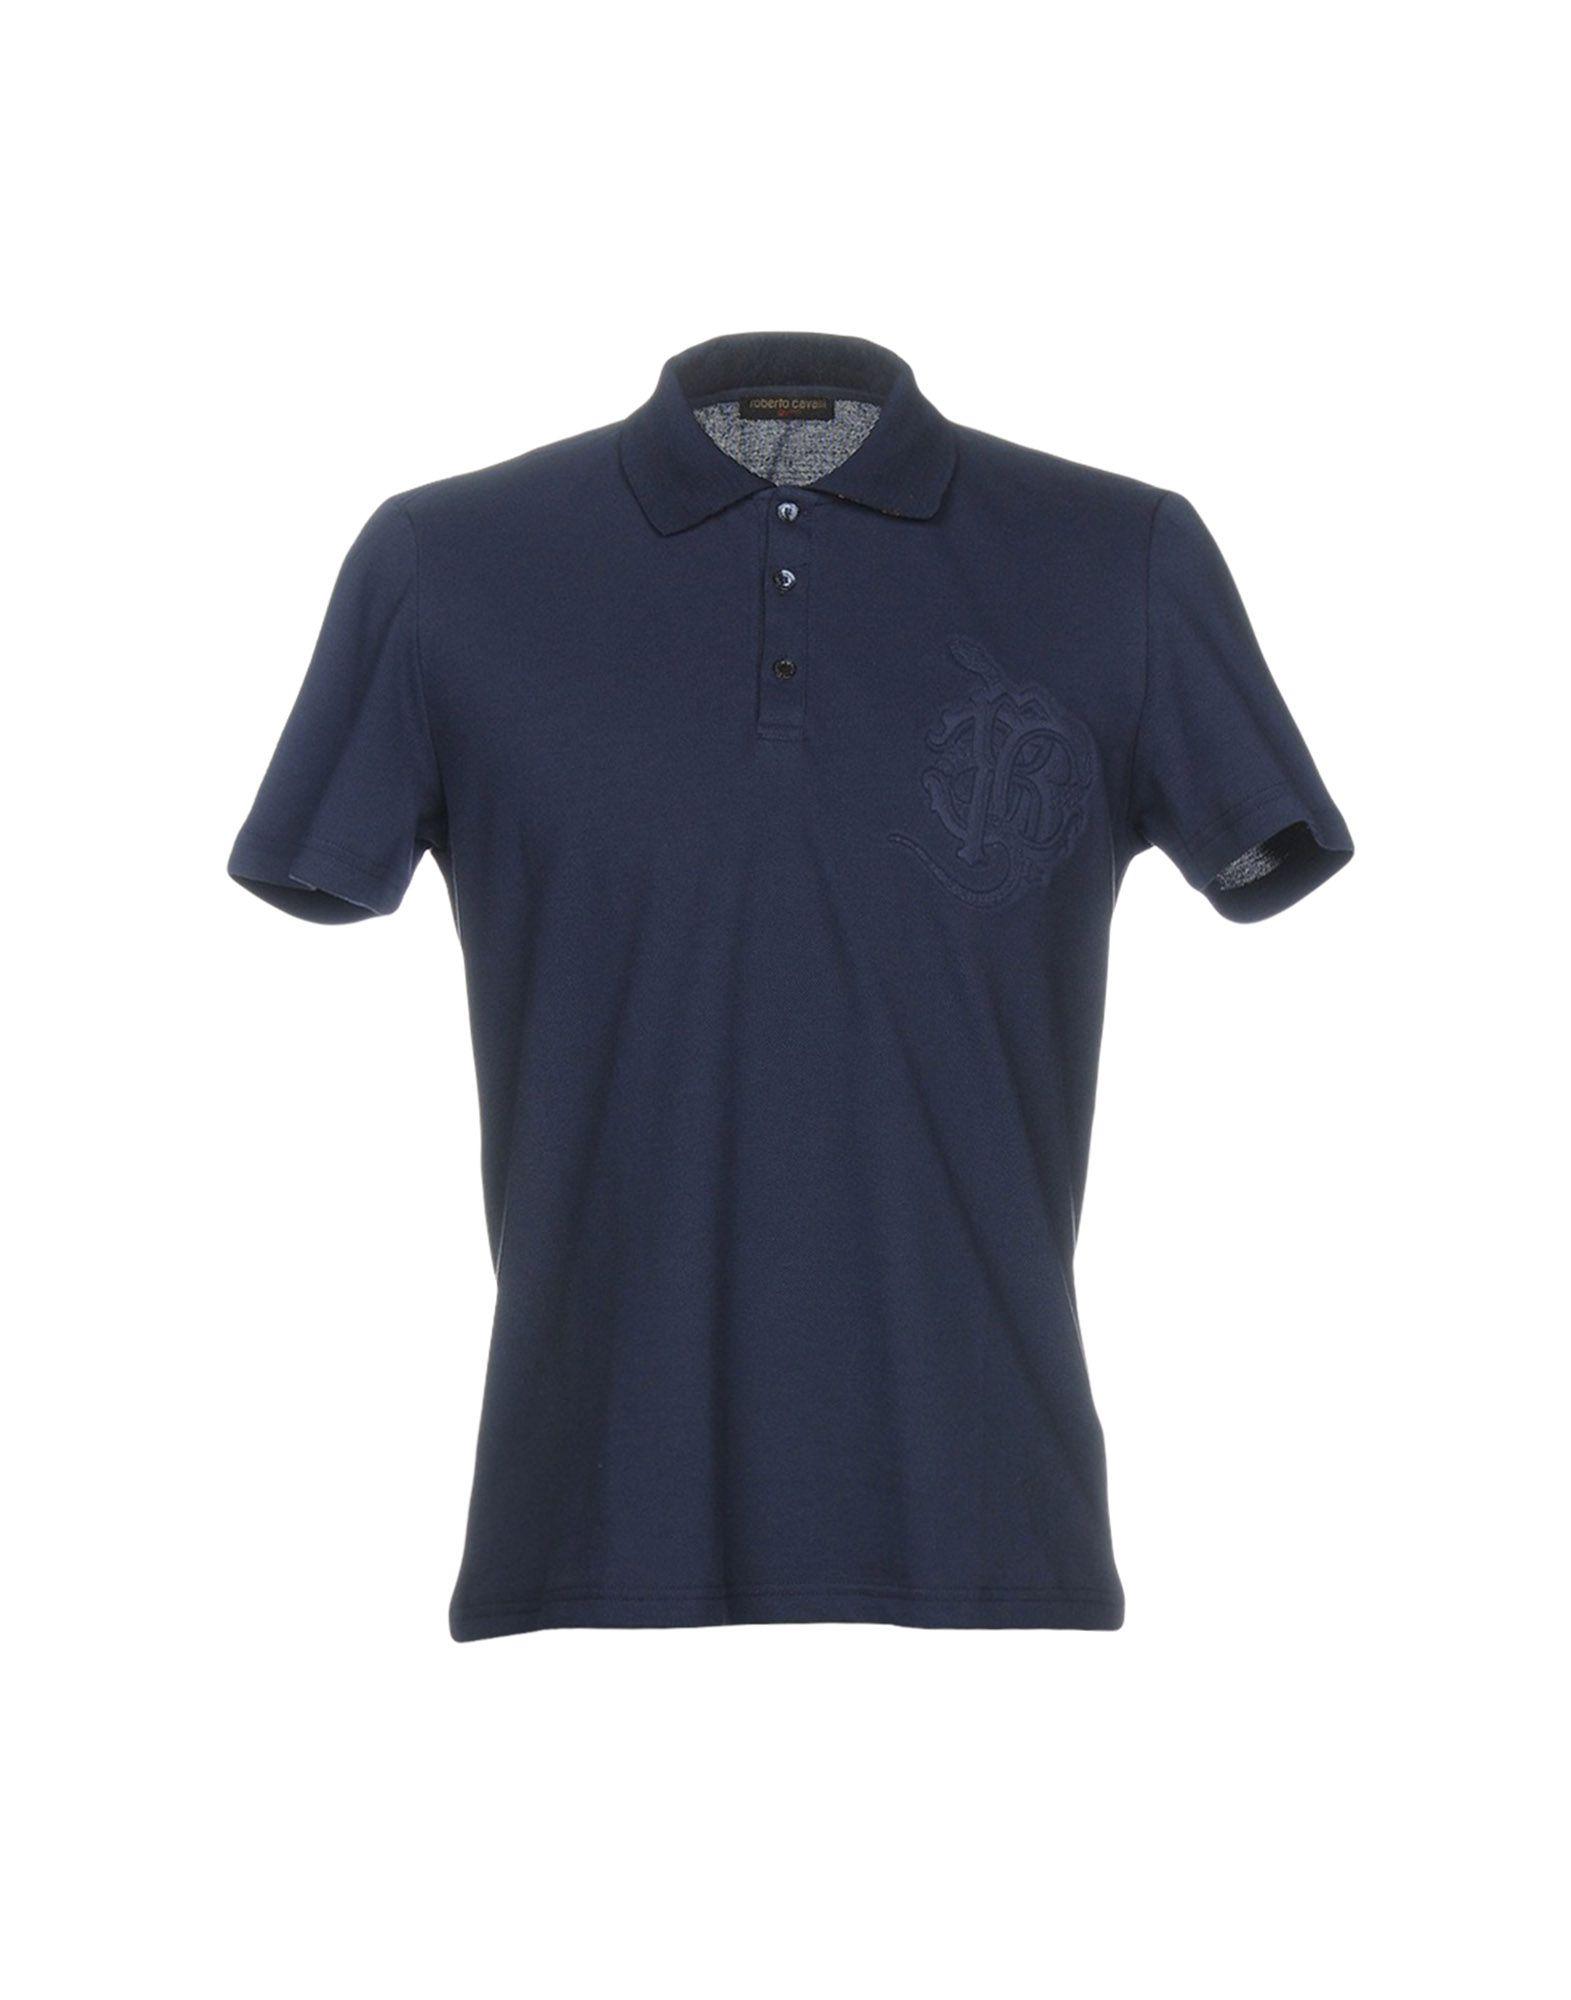 《送料無料》ROBERTO CAVALLI GYM メンズ ポロシャツ ダークブルー 46 100% コットン